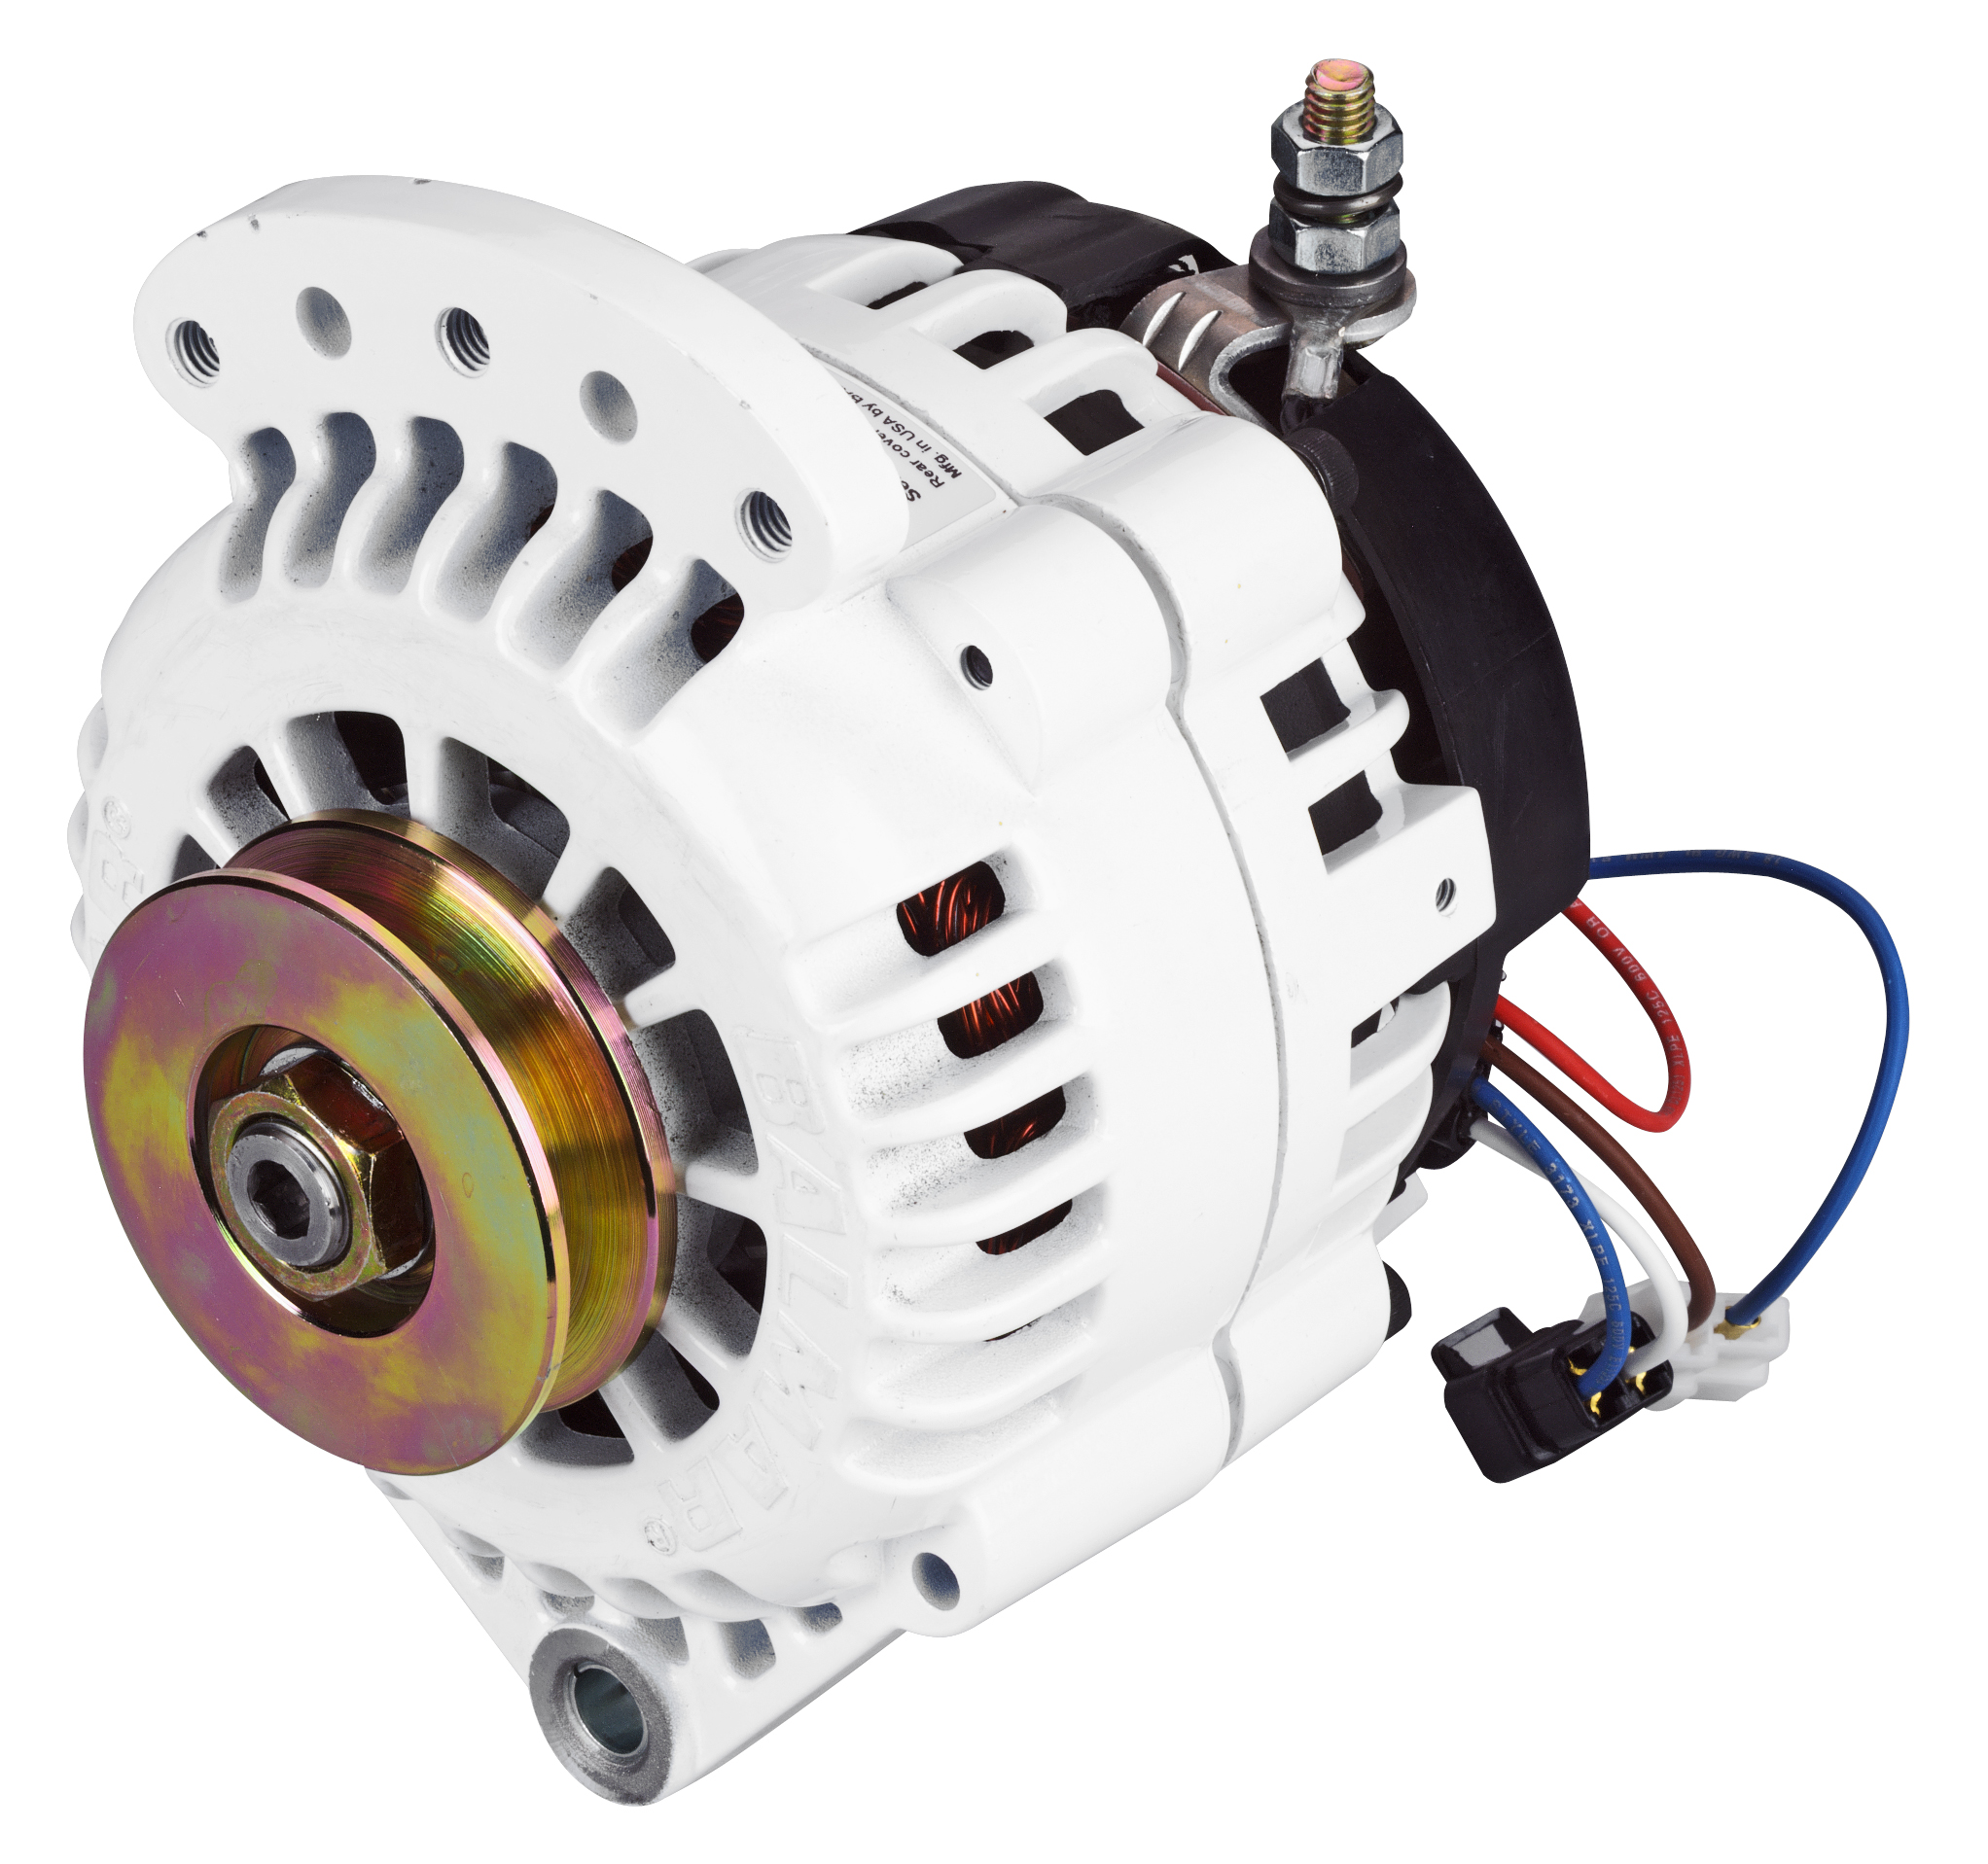 ALT010121500-Left-300dpi Spannende Elektronisches Vorschaltgerät Leuchtstofflampe Schaltplan Dekorationen